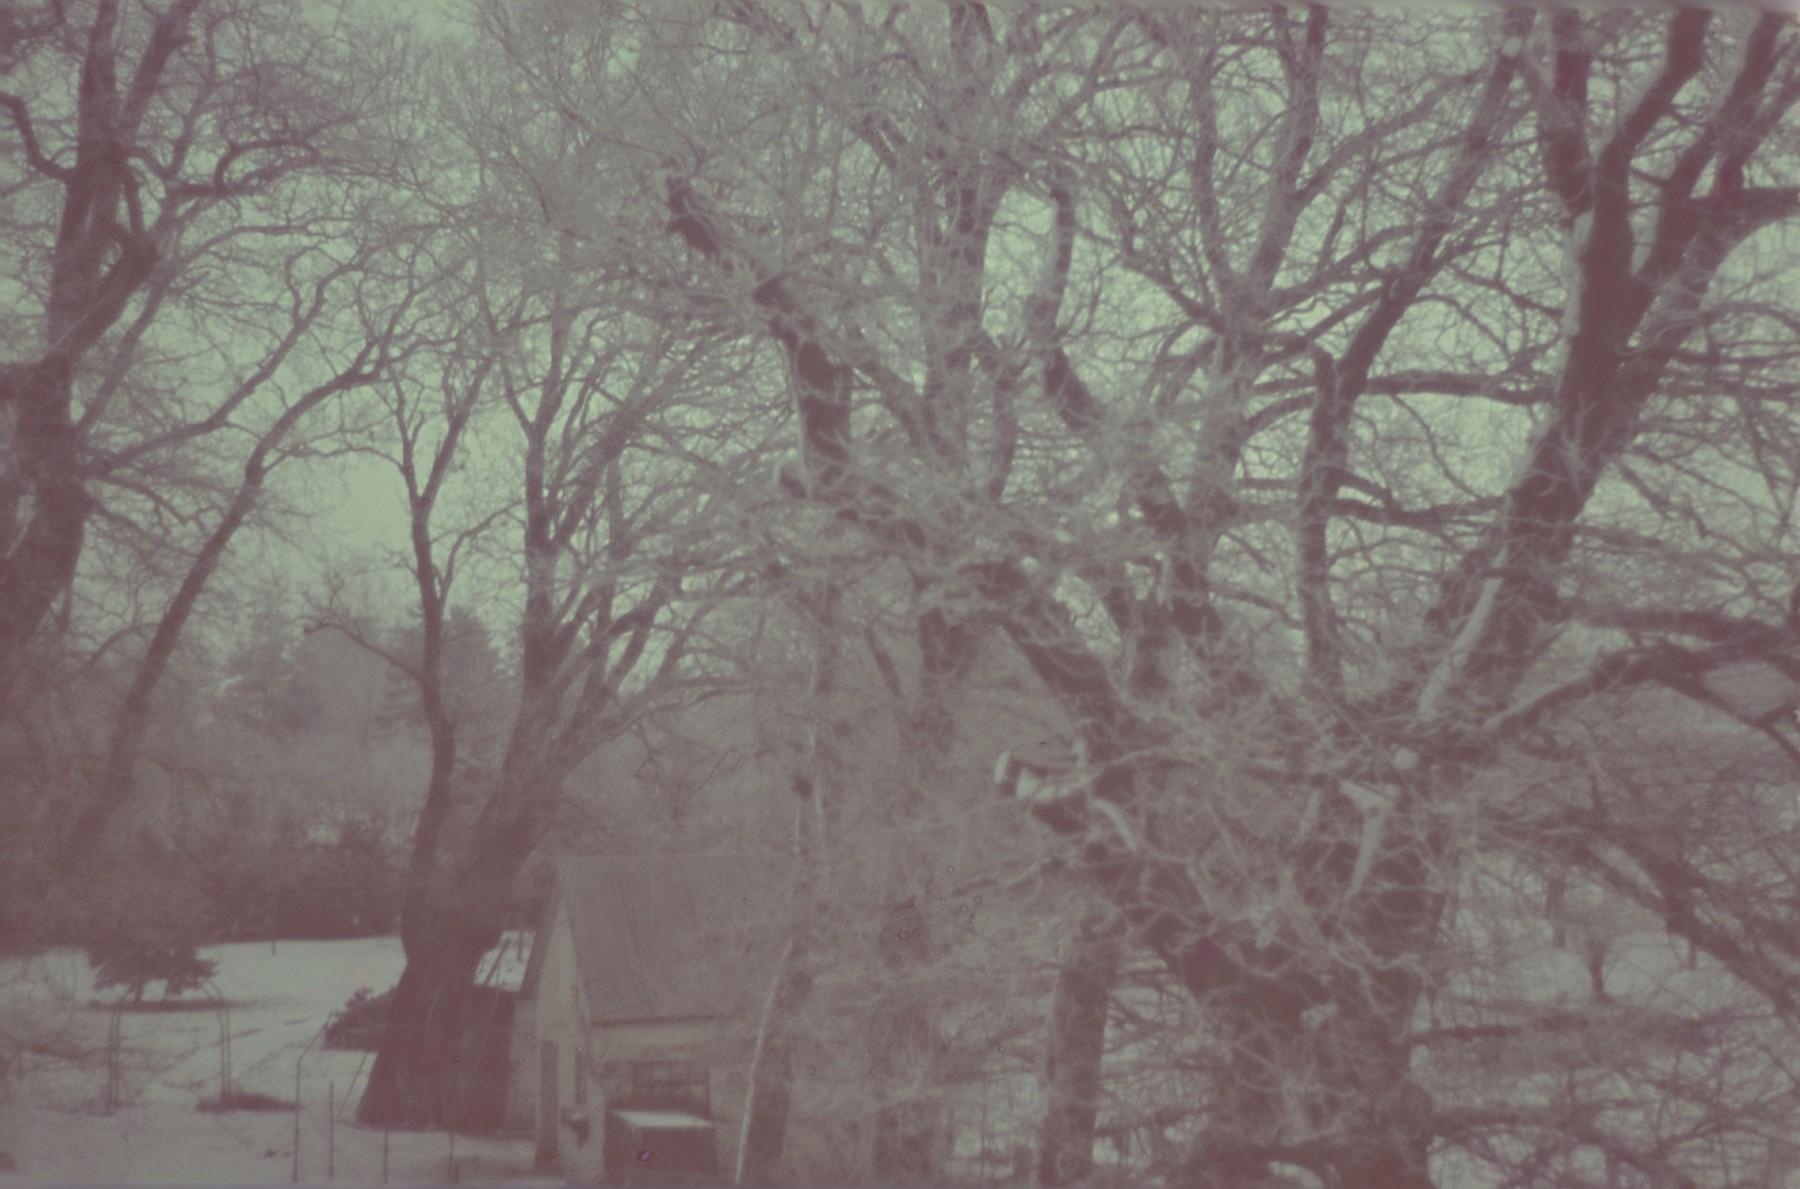 View of a winter landscape taken by Walter Genewein.